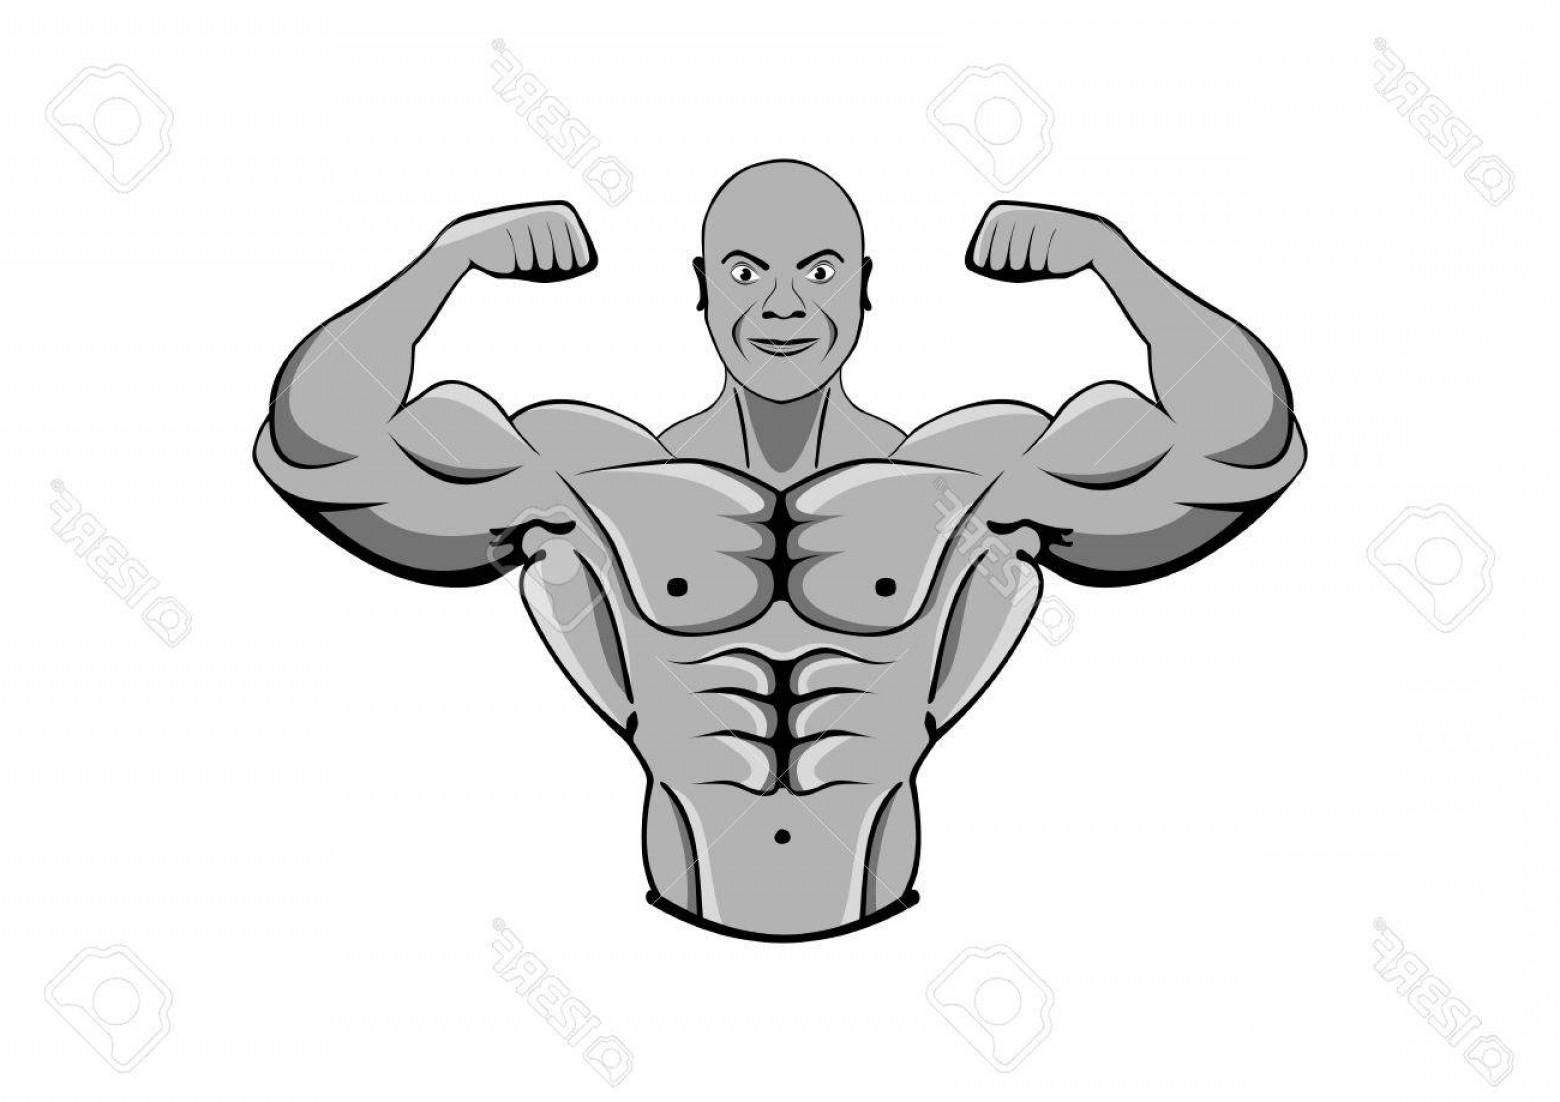 1560x1102 Photostock Vector Bodybuilder Strong Muscular Man Athlete Or